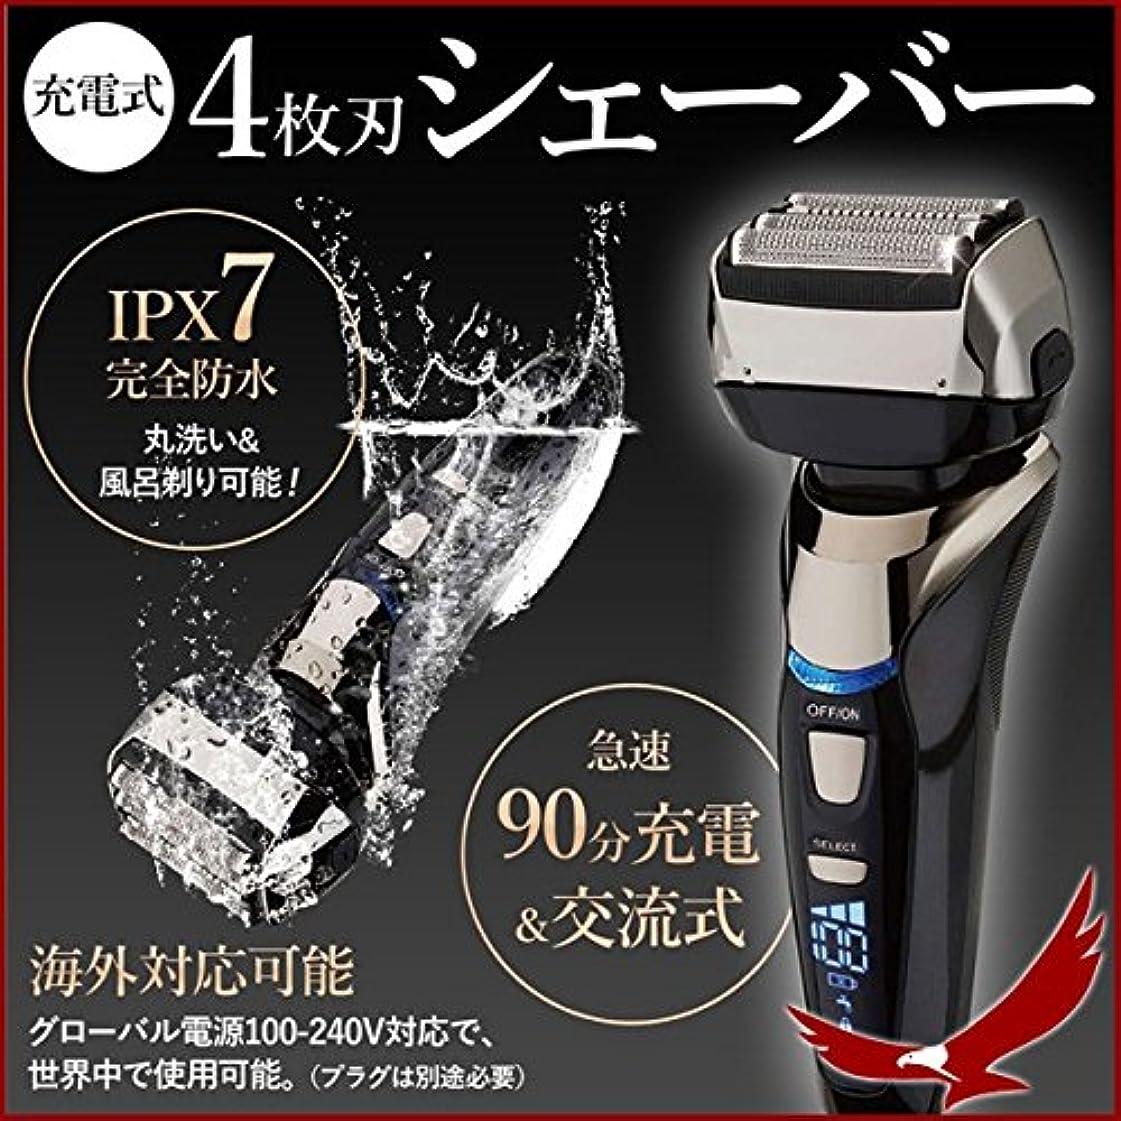 磁石政治家のまたね4枚刃充交両用シェーバー GD-S401 完全防水!丸洗いOK! (黒)